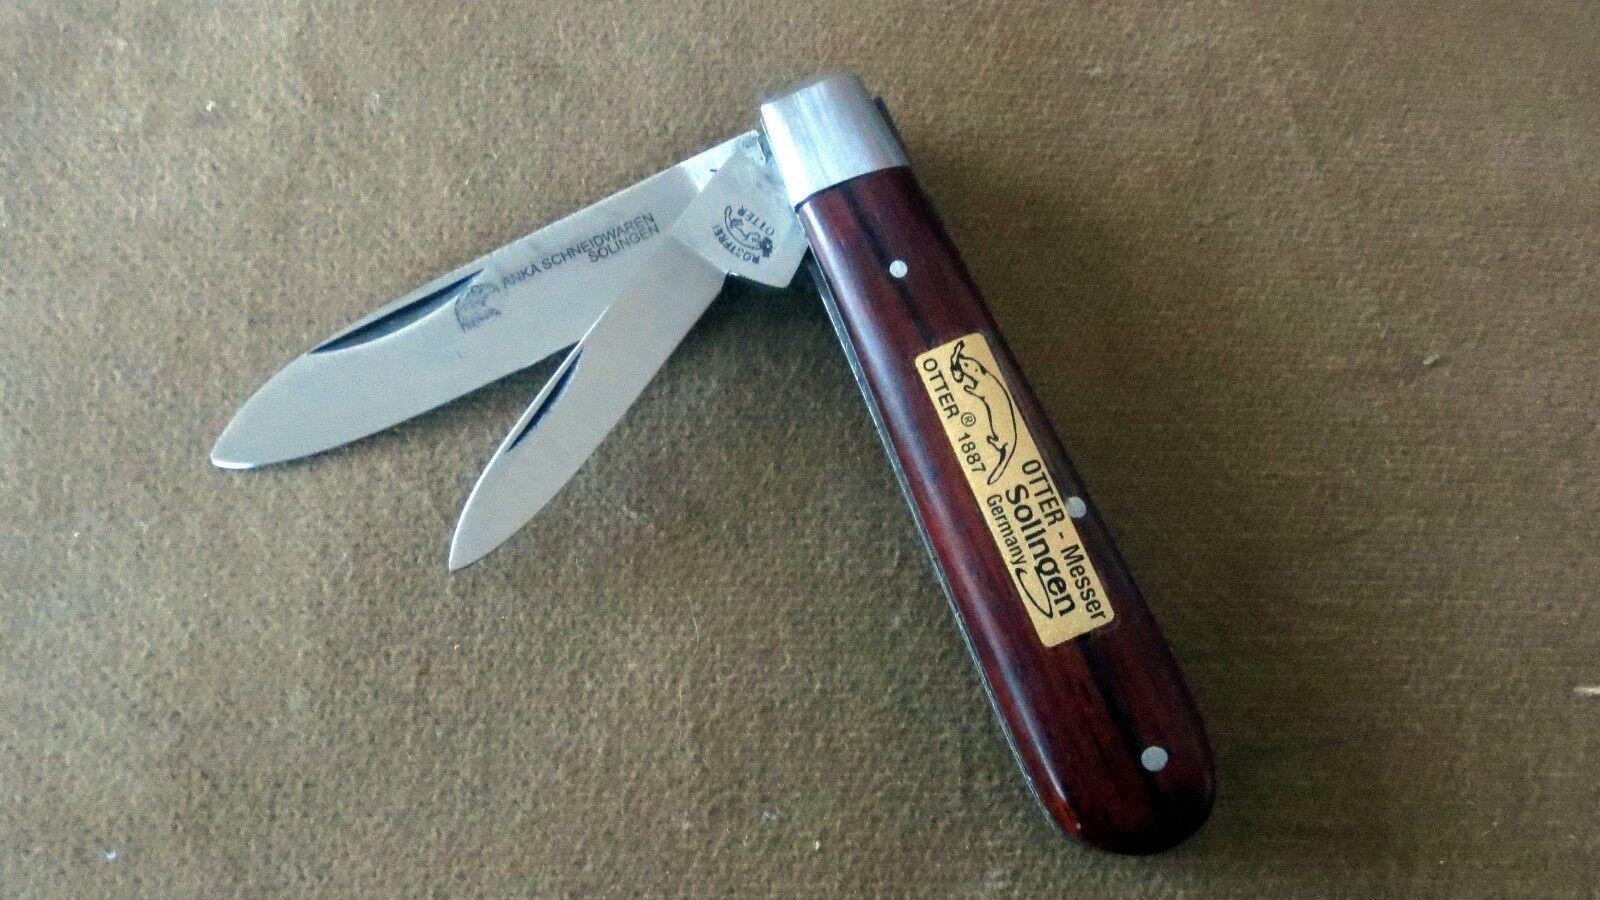 Otter Messer Klapp- Taschen- Sammlermesser 2.teilig aus Solingen